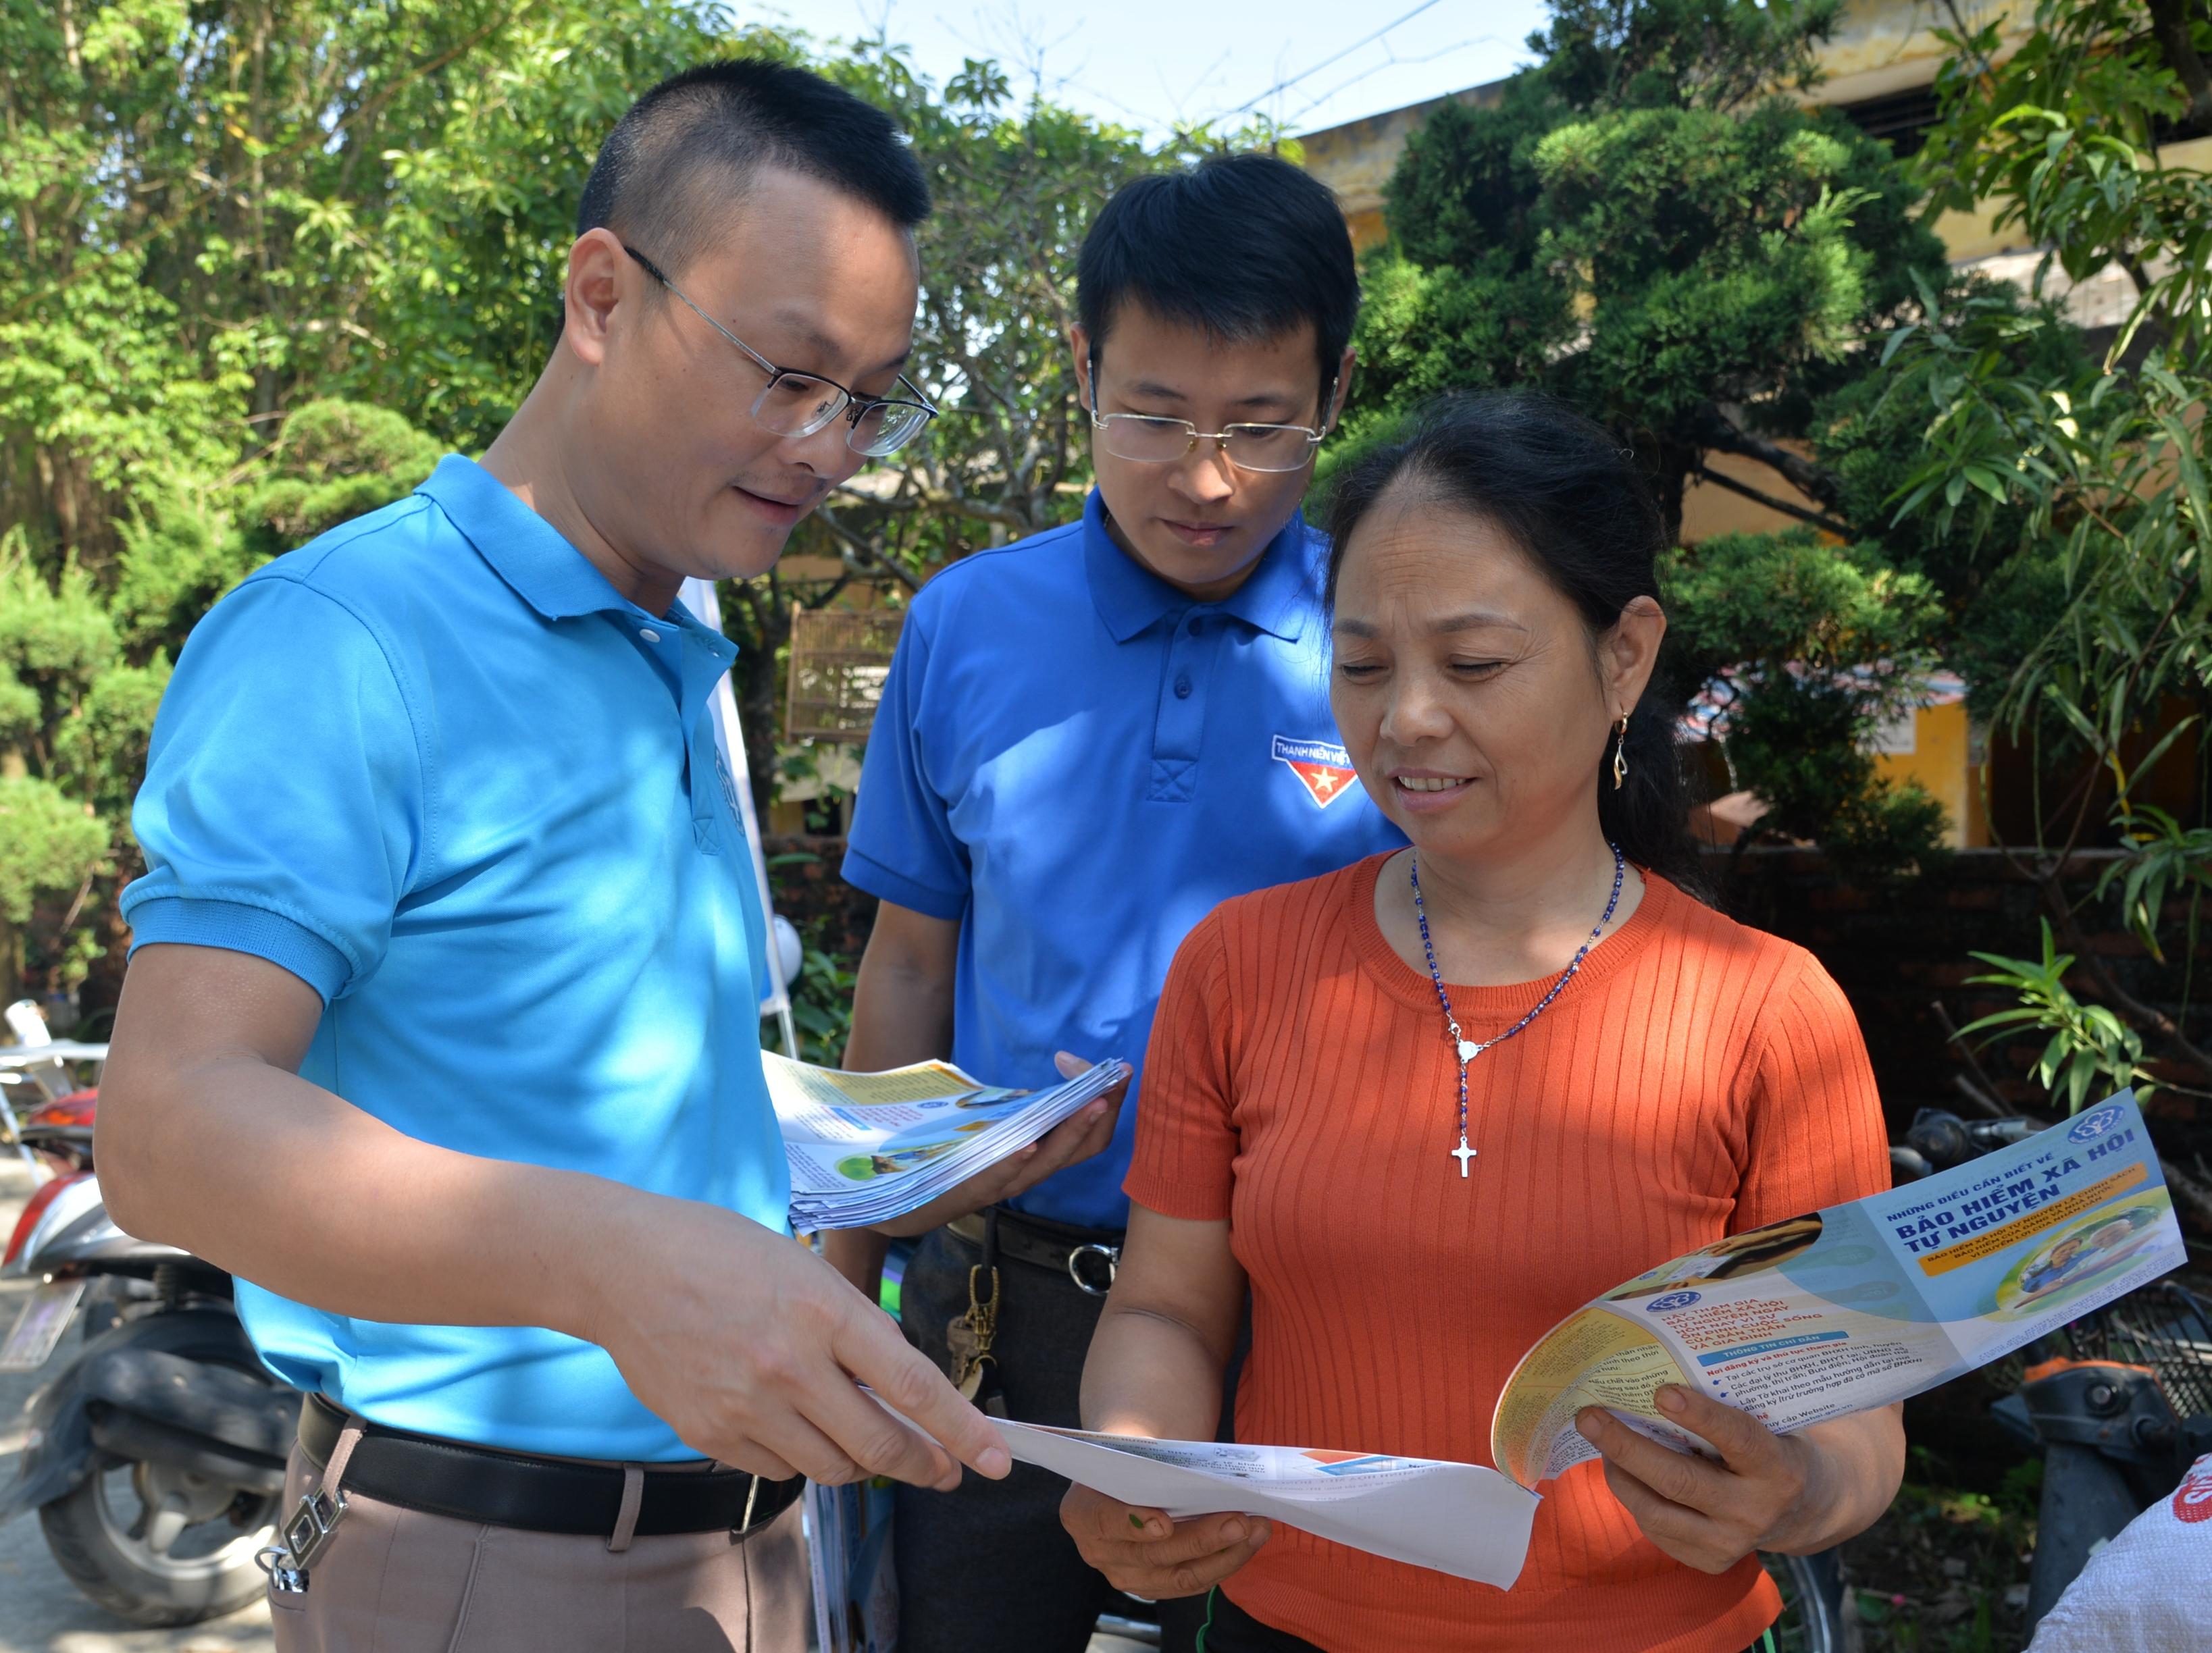 Tăng mức hỗ trợ đóng BHXH tự nguyện, BHYT: Tạo cơ hội cho nhiều người dân tiếp cận và thụ hưởng chính sách